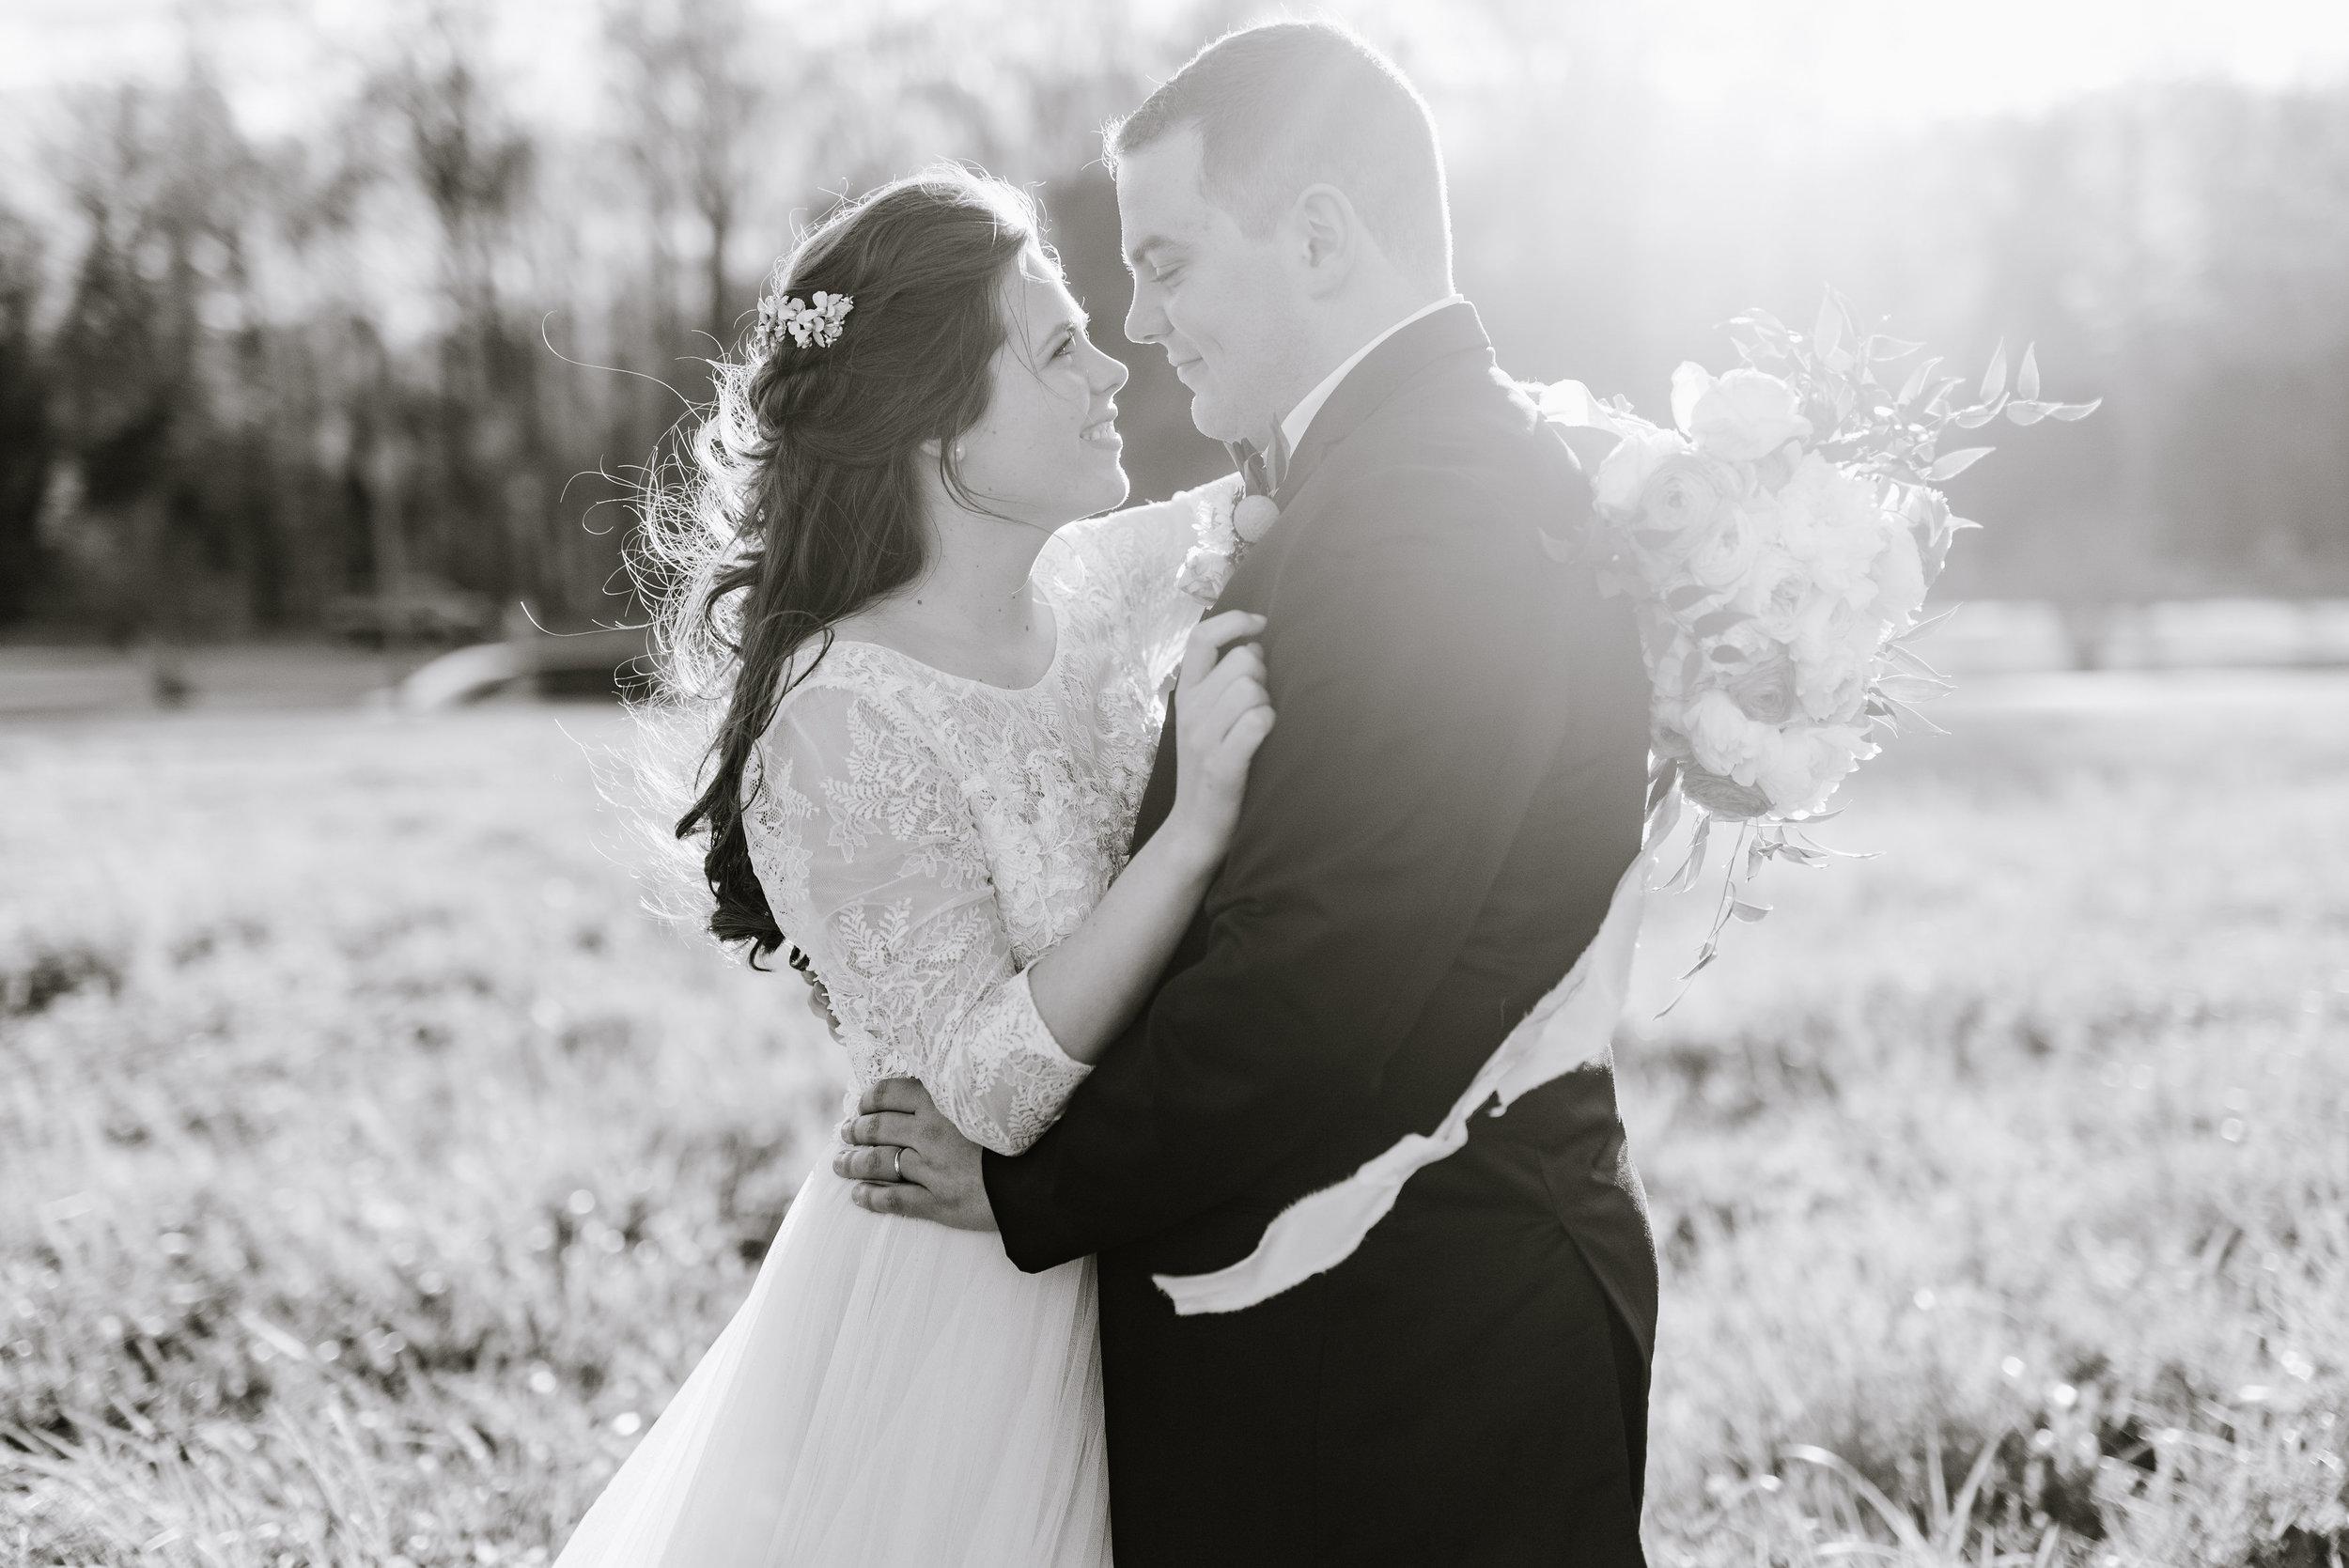 tylar-seth-wedding-765.jpg